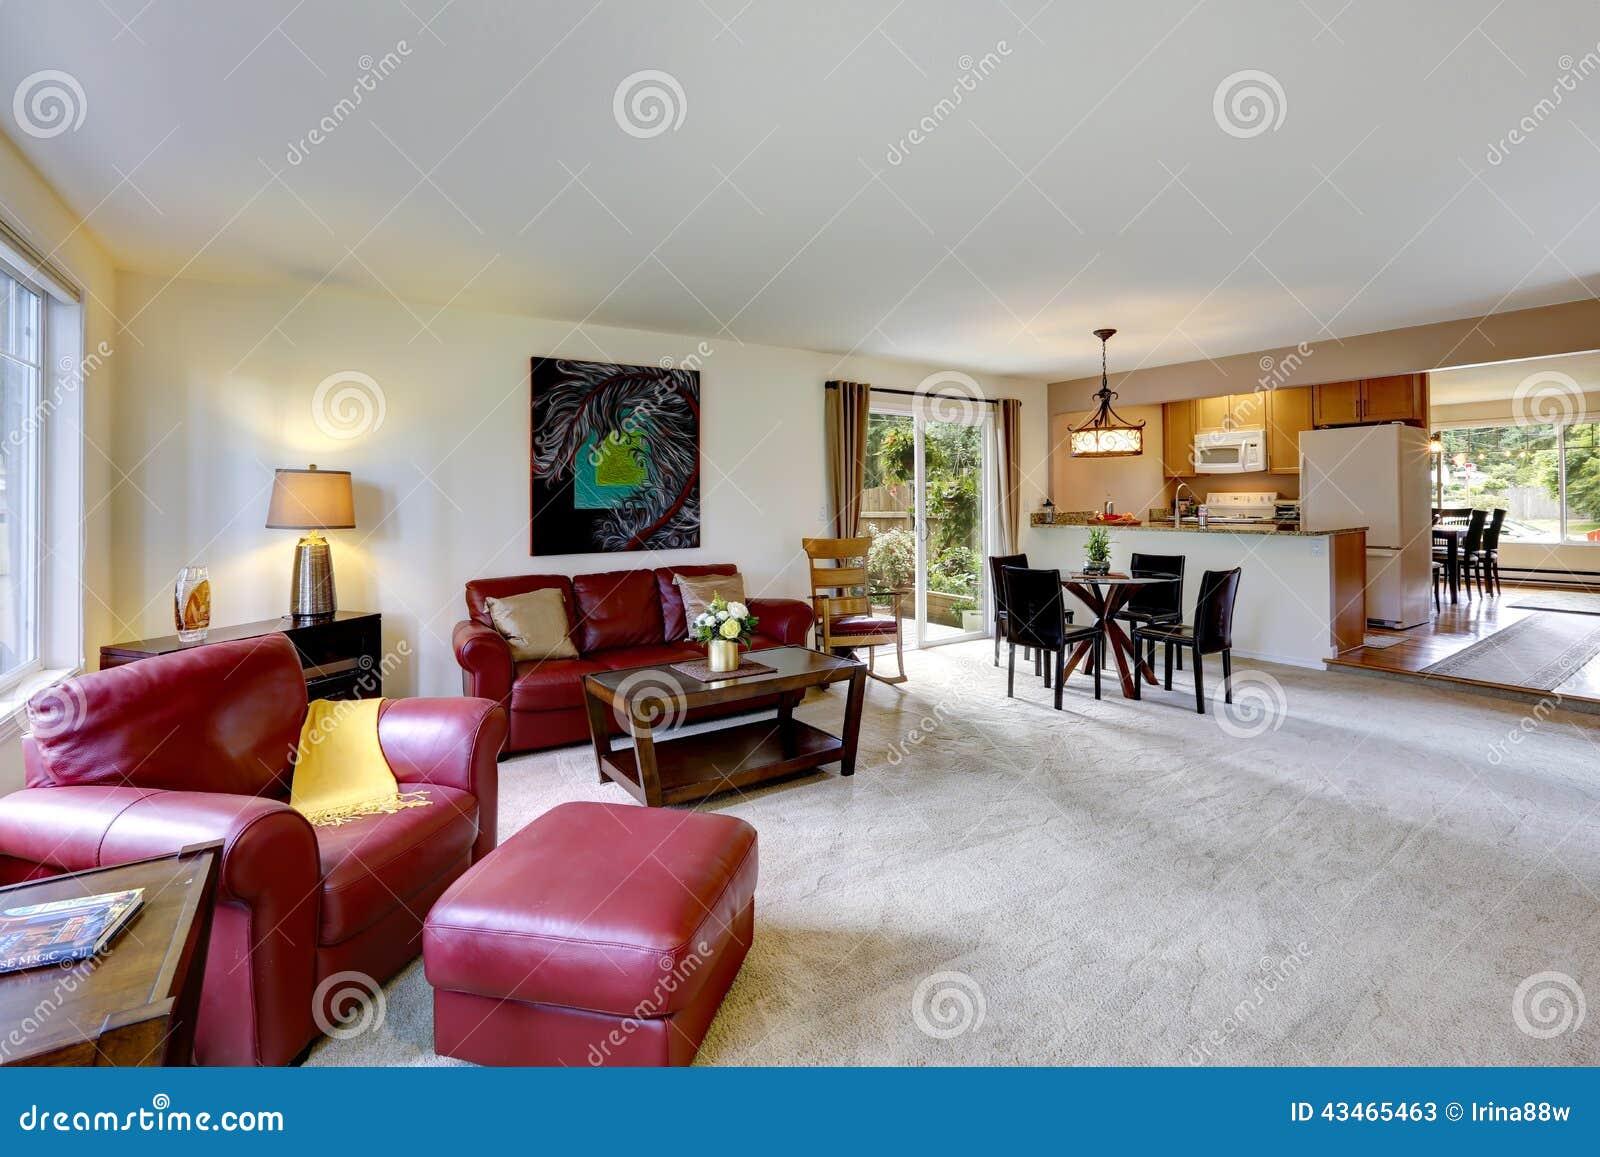 Foto de Stock: Interior da casa com planta baixa aberta Vida e sala da  #6E2924 1300 957